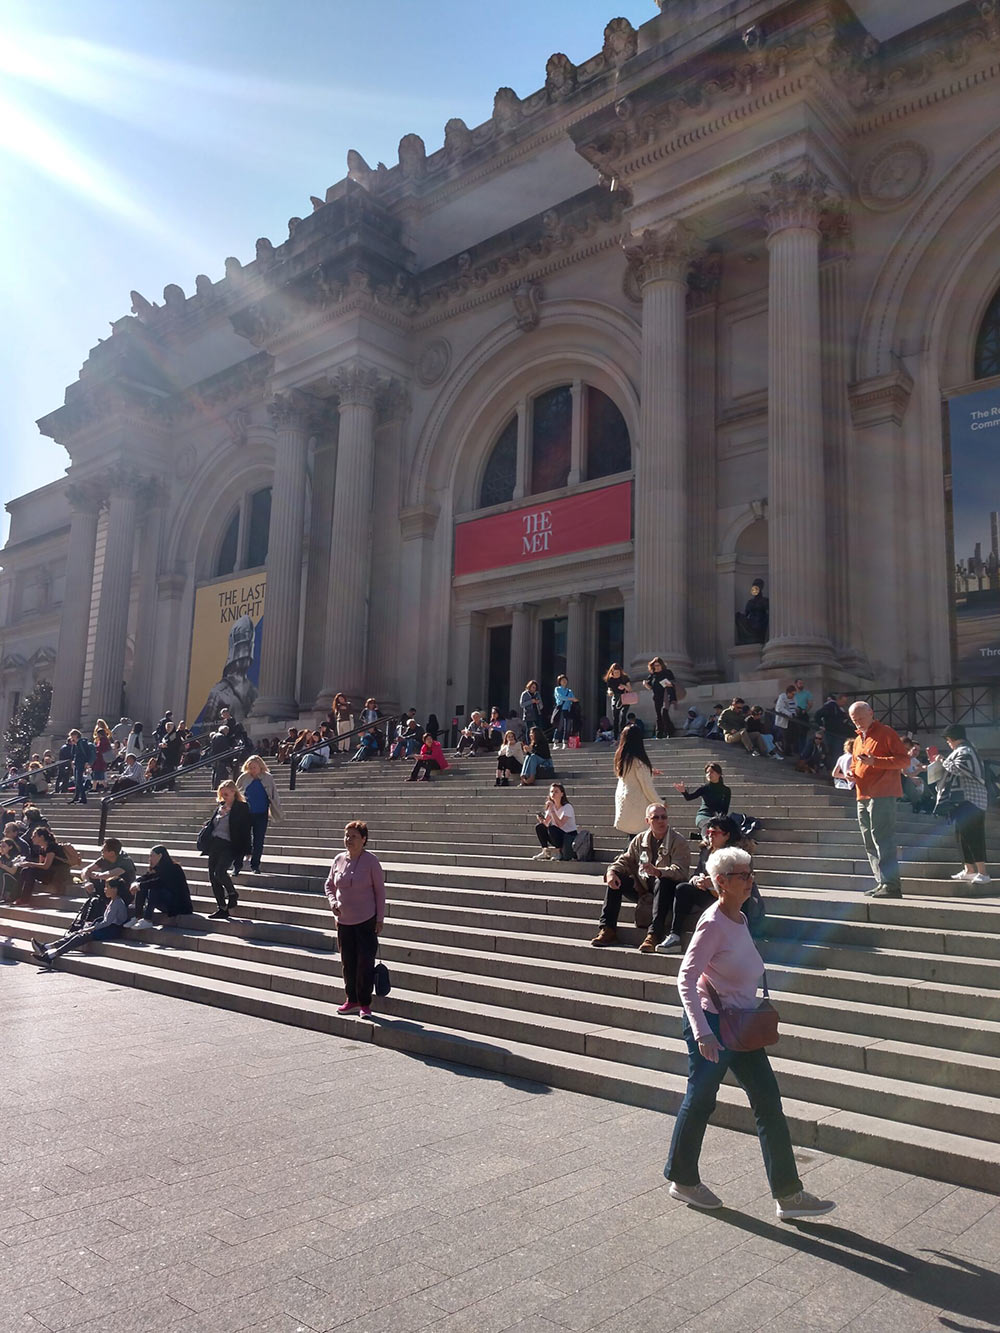 The Met 1